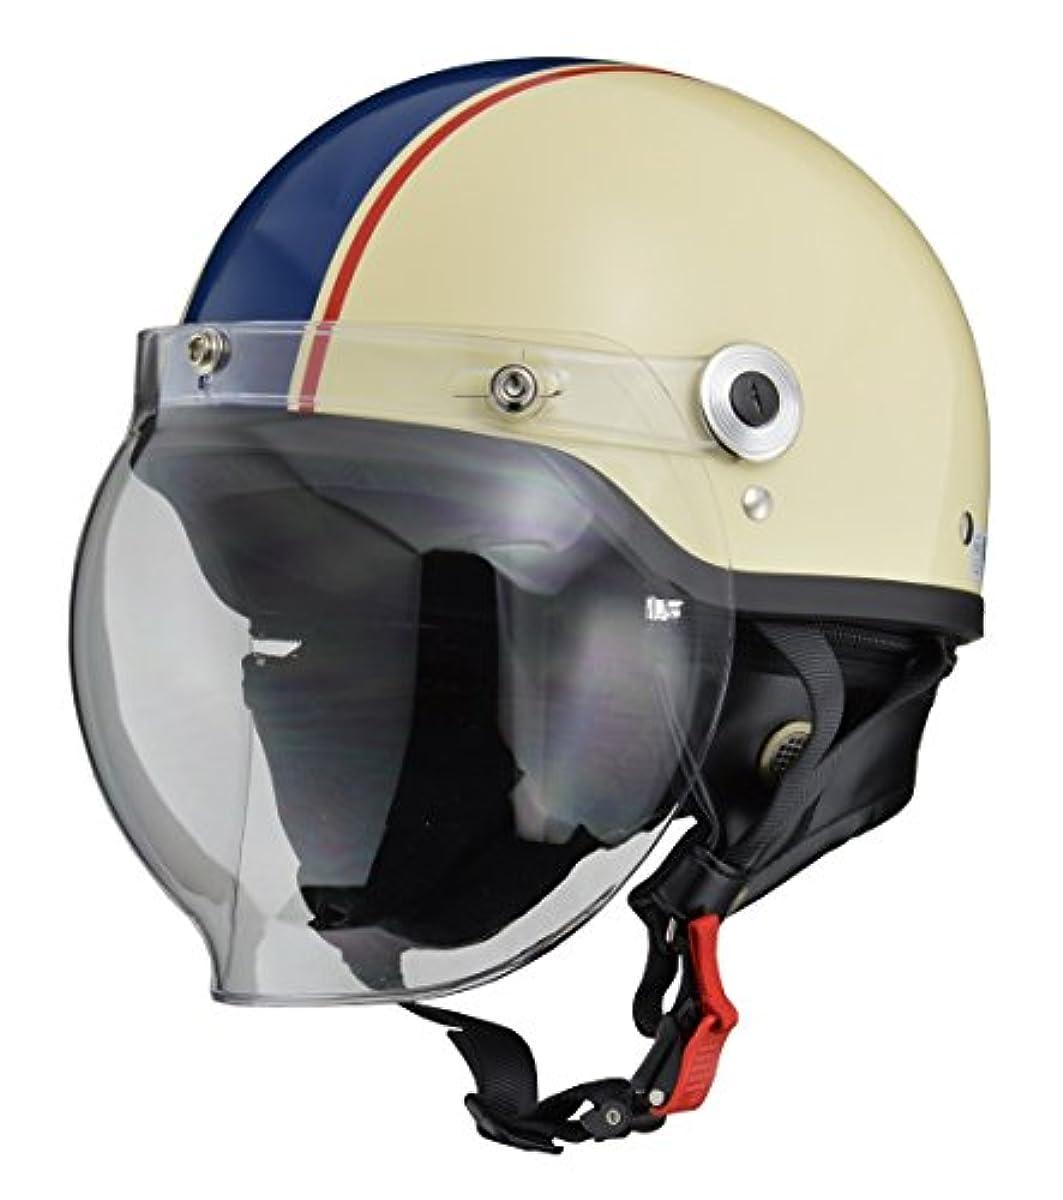 [해외] 리드 공업(LEAD) 오토바이 헬멧 제트 CROSS 버블 쉴드 부착 아이보리리×네이비 CR-760 -